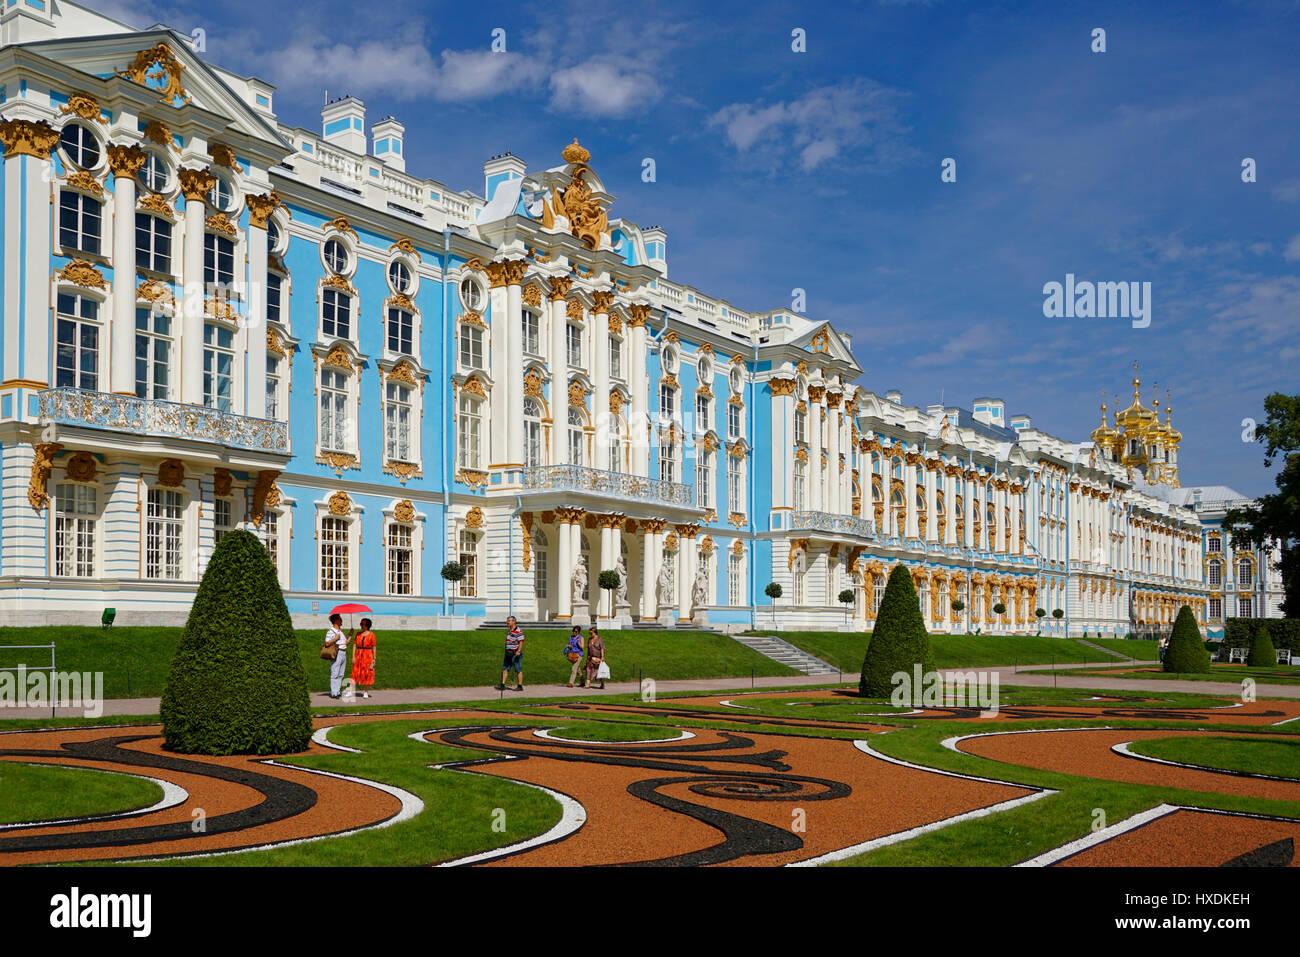 El Palacio de Catalina en Pushkin en San Petersburgo, Rusia. Imagen De Stock